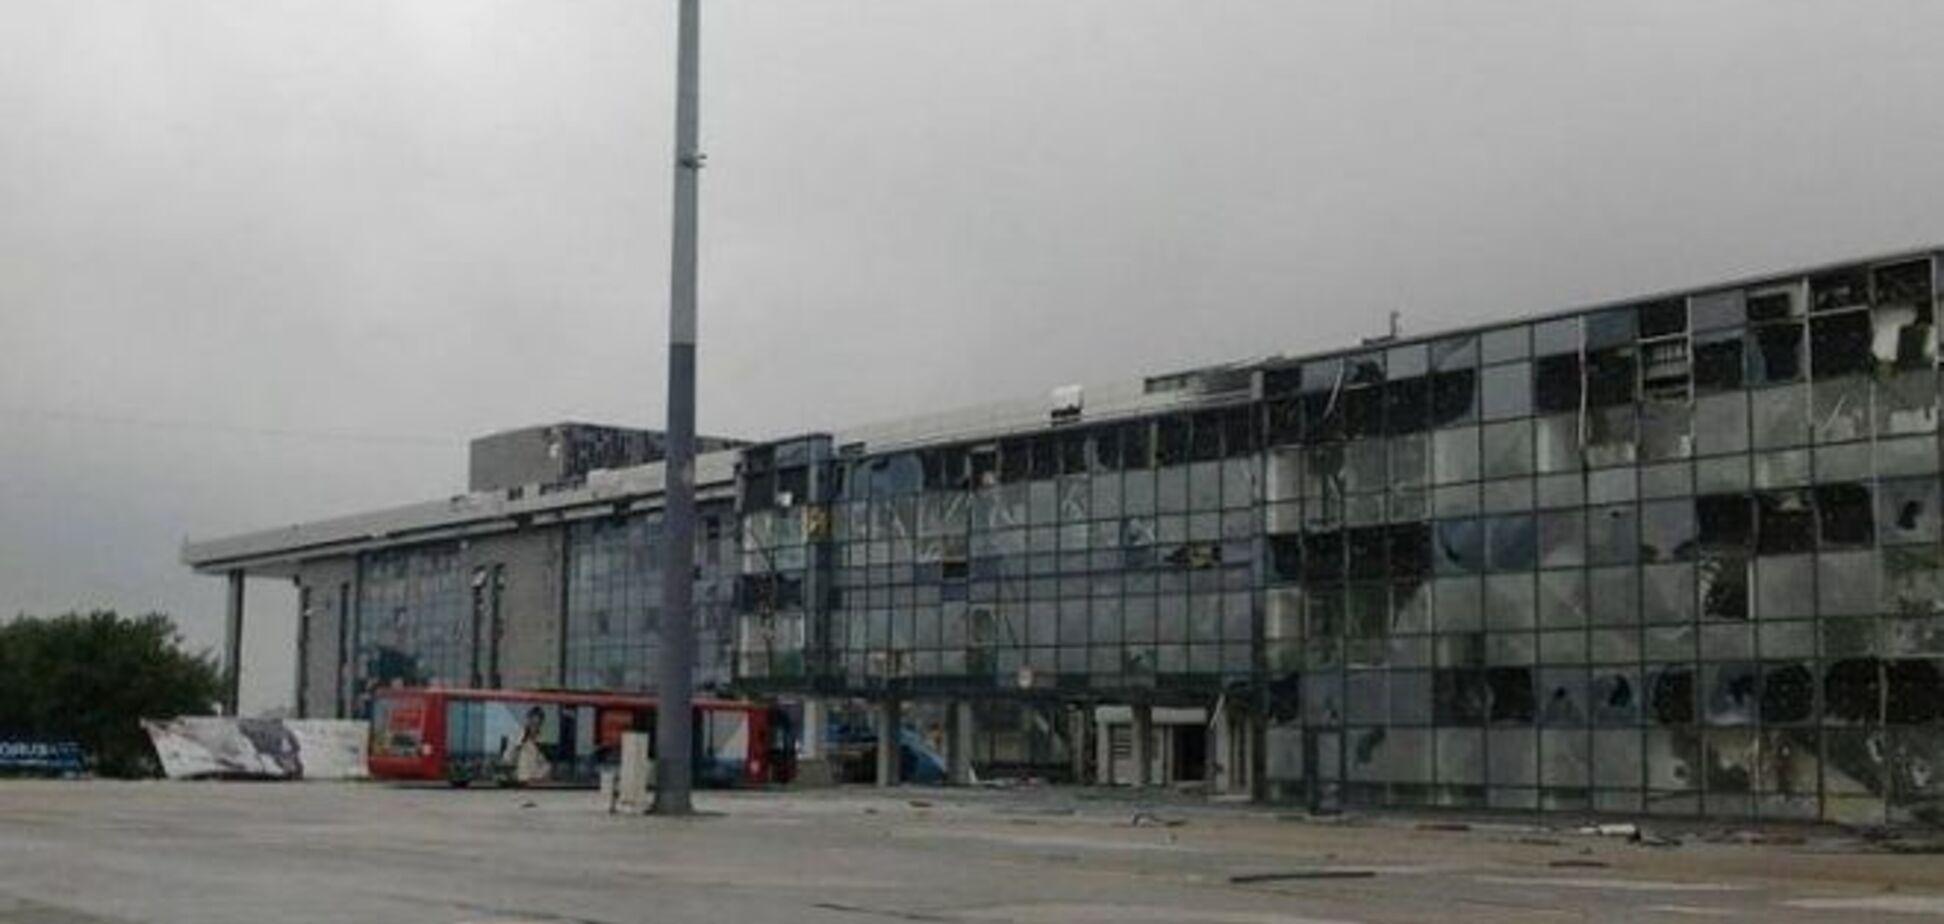 Солдат-срочников вывели из аэропорта Донецка: один контужен, второй обожжен